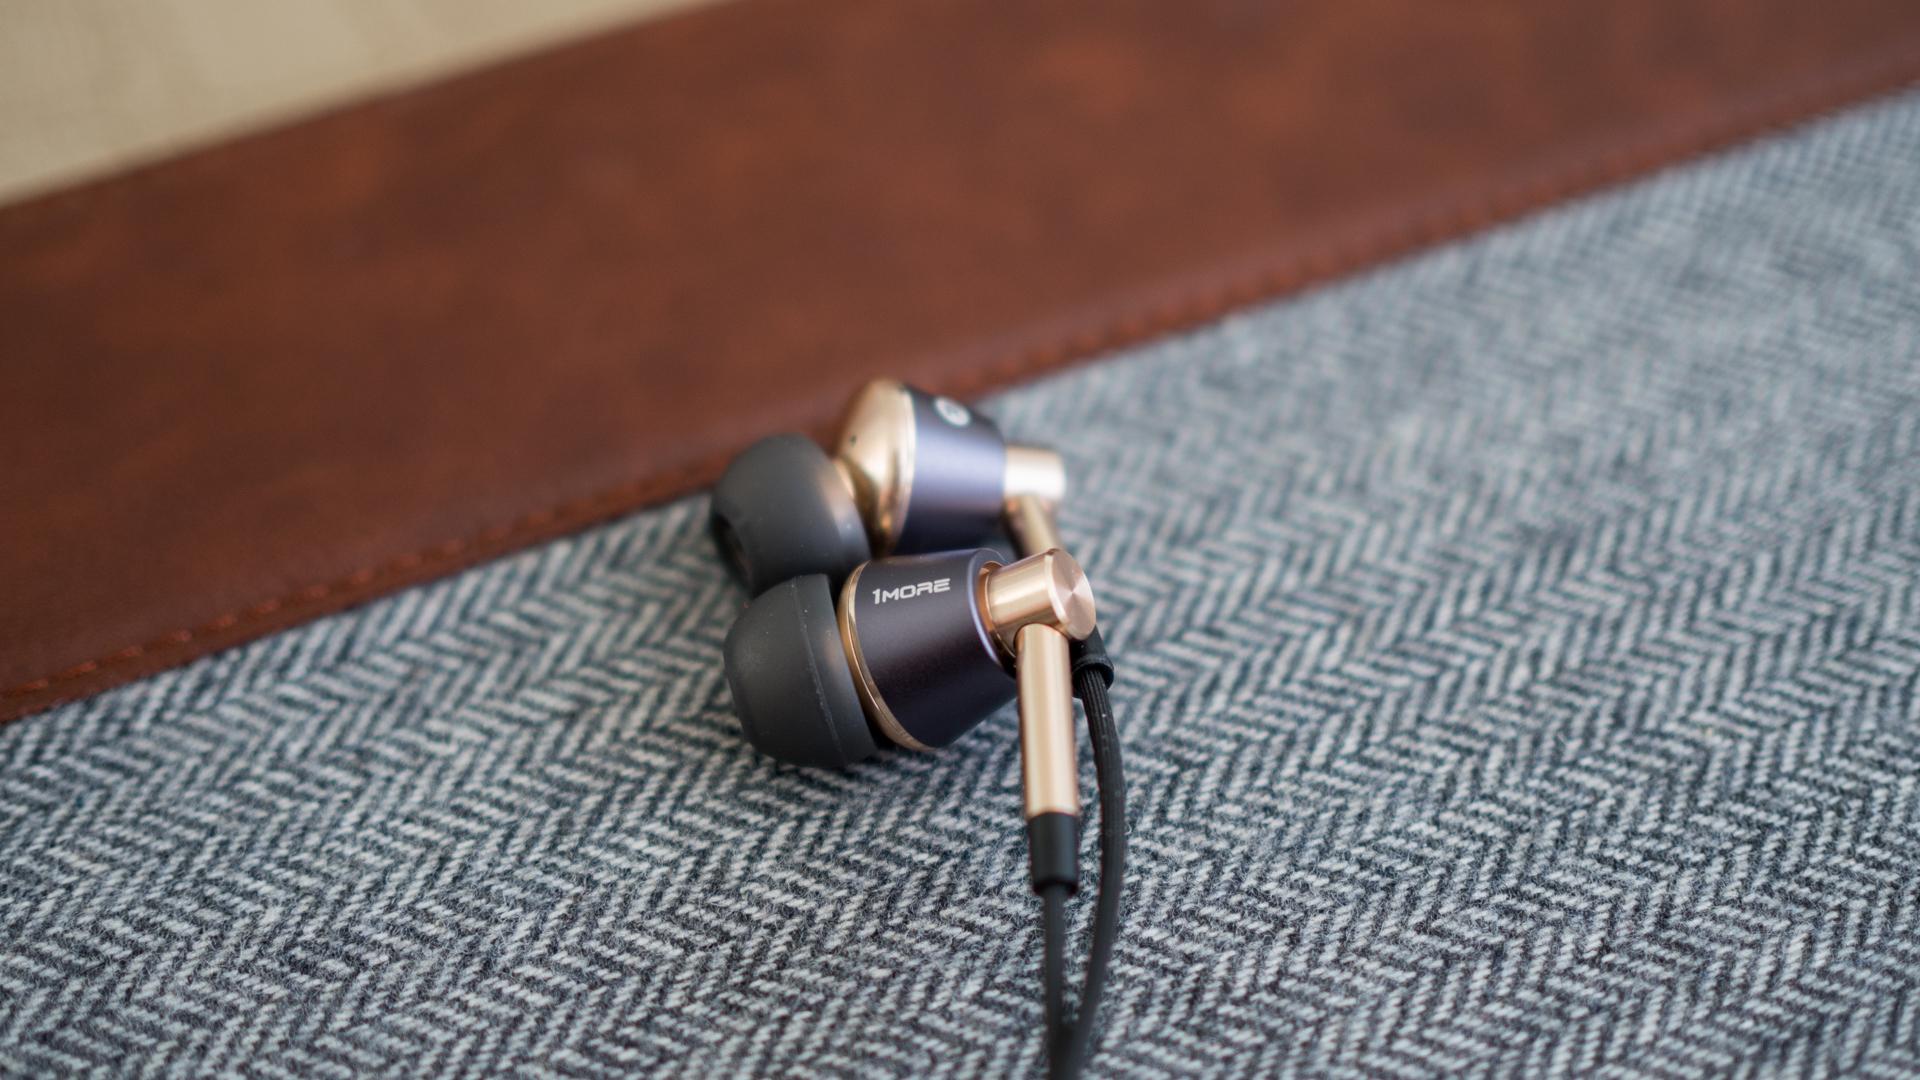 Best earphones (in-ear headphones) available in India